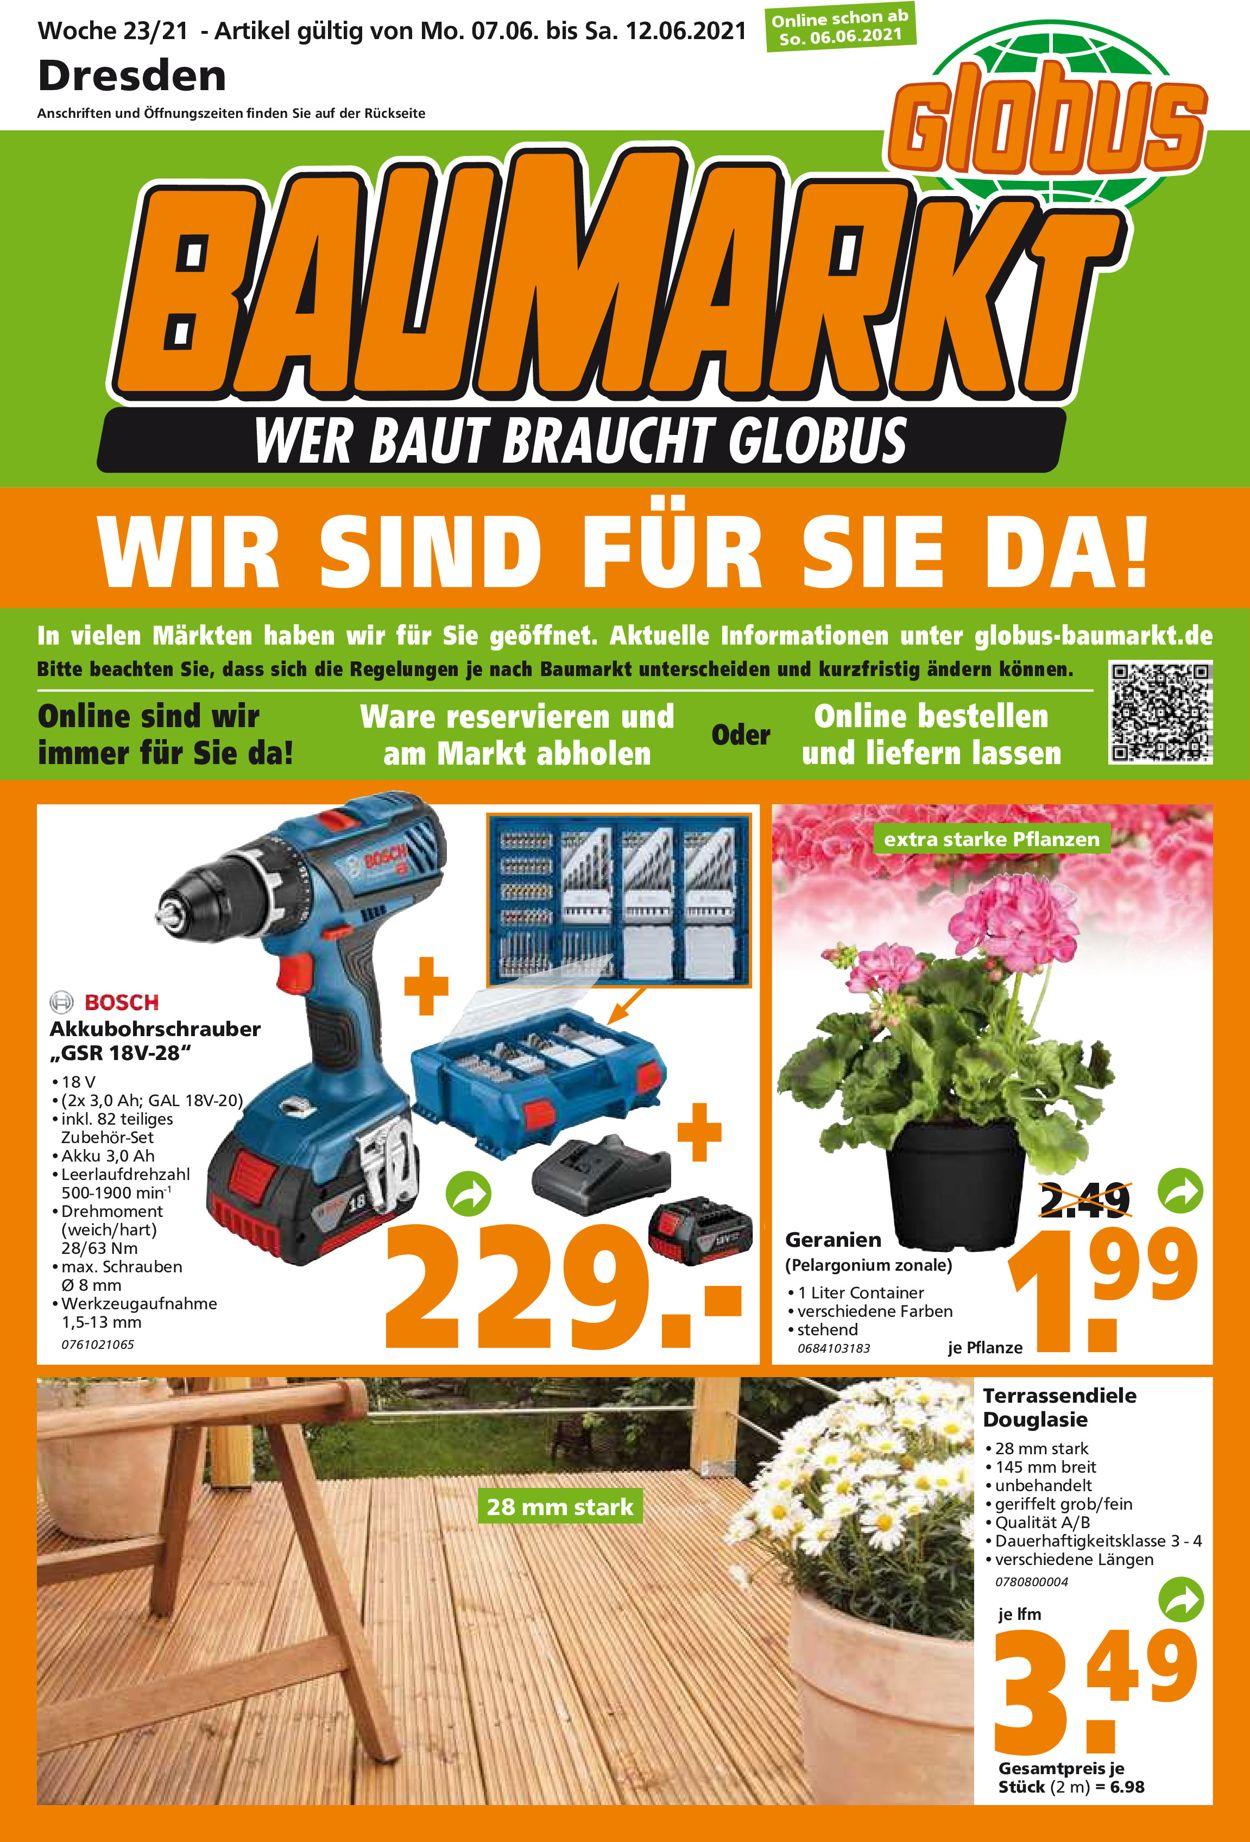 Globus Baumarkt Prospekt - Aktuell vom 07.06-12.06.2021